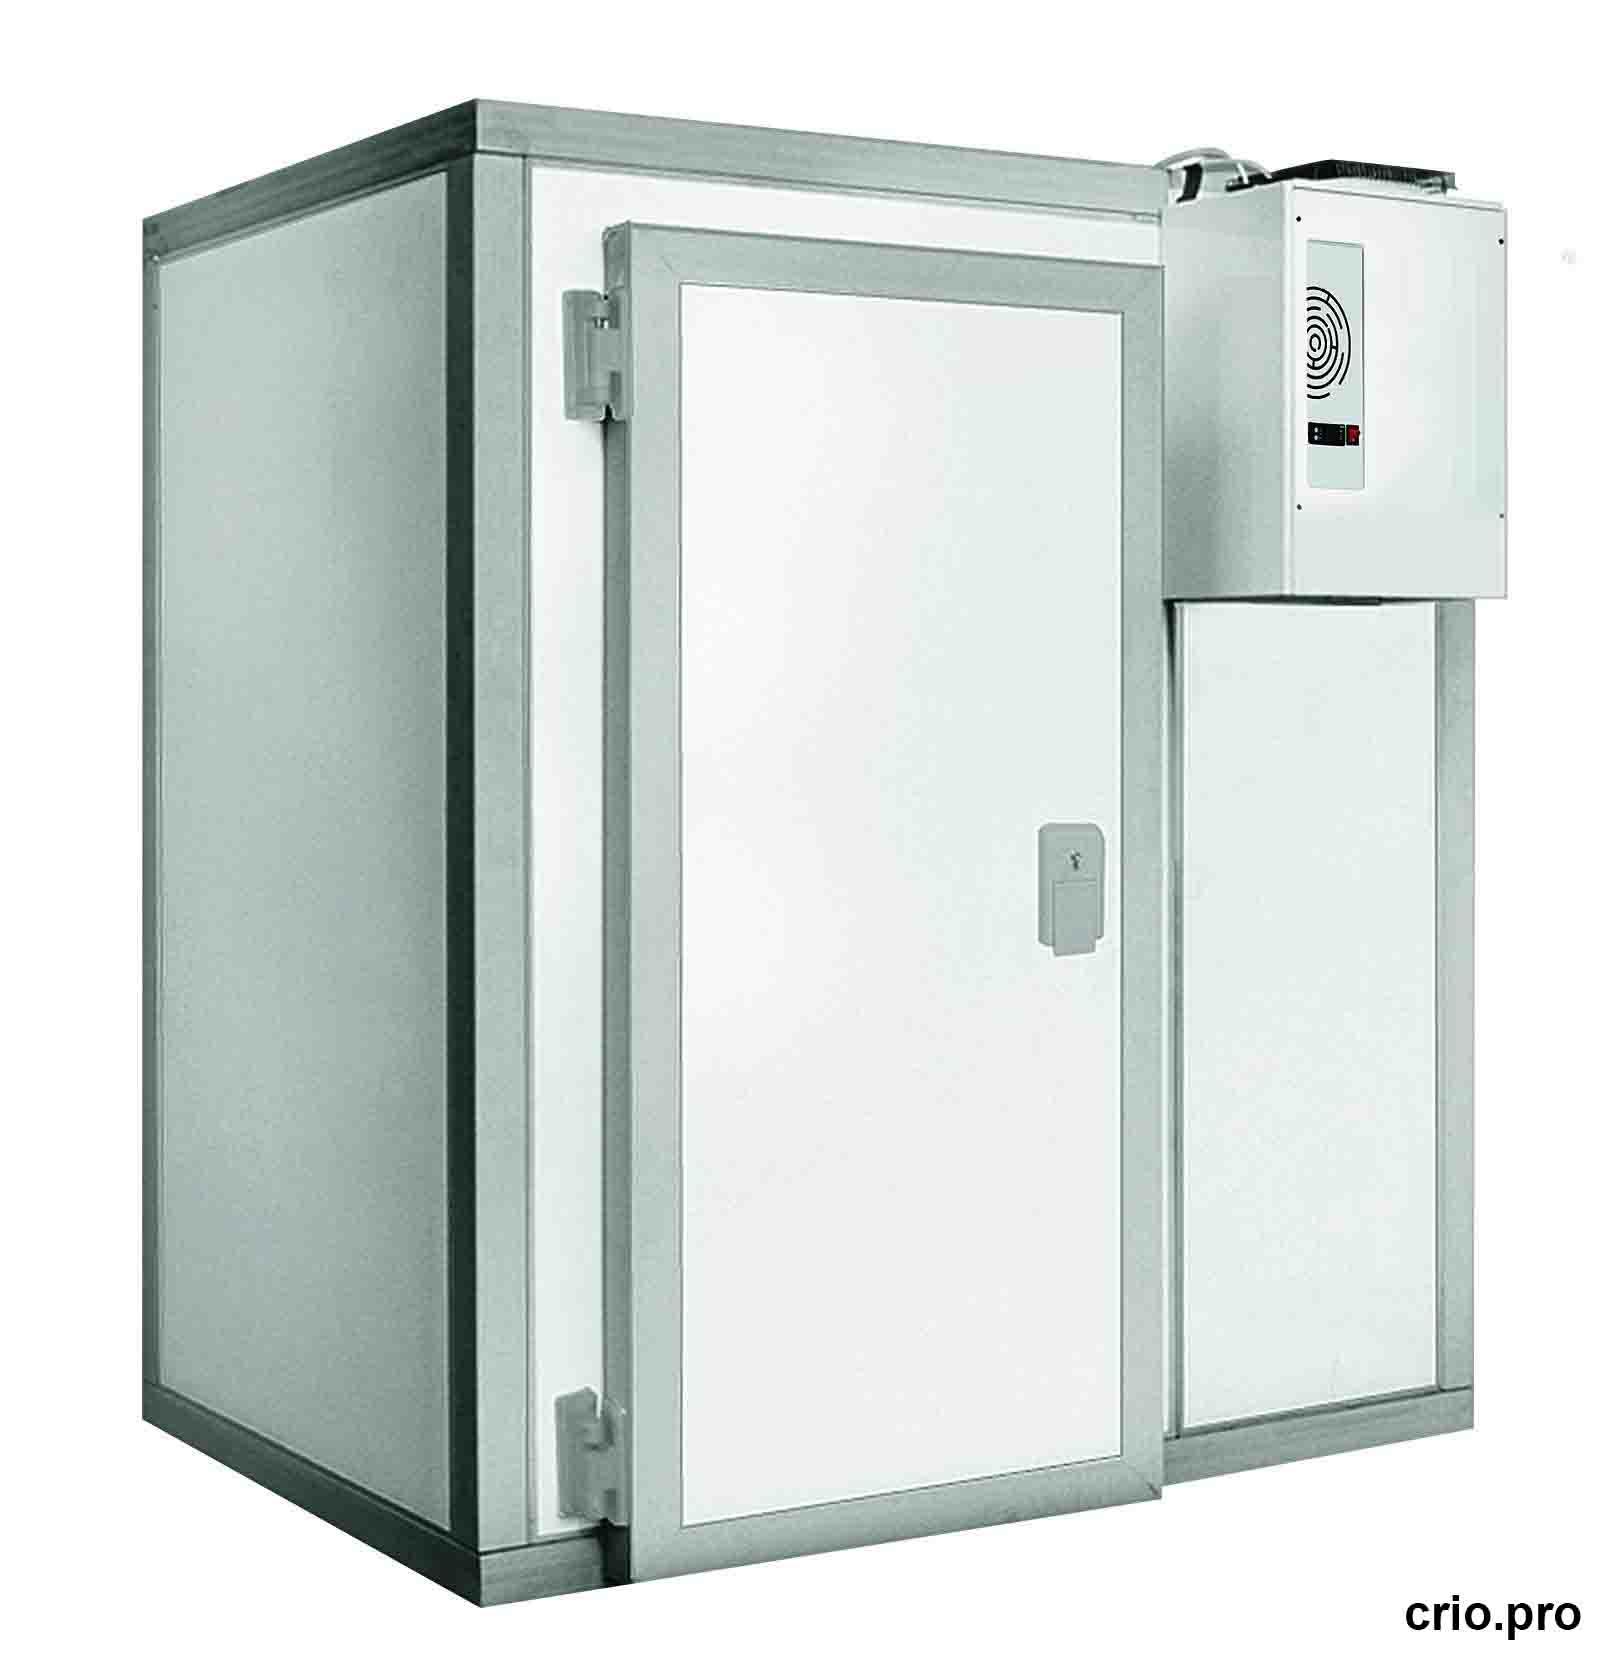 Холодильная камера с моноблоком Polair.